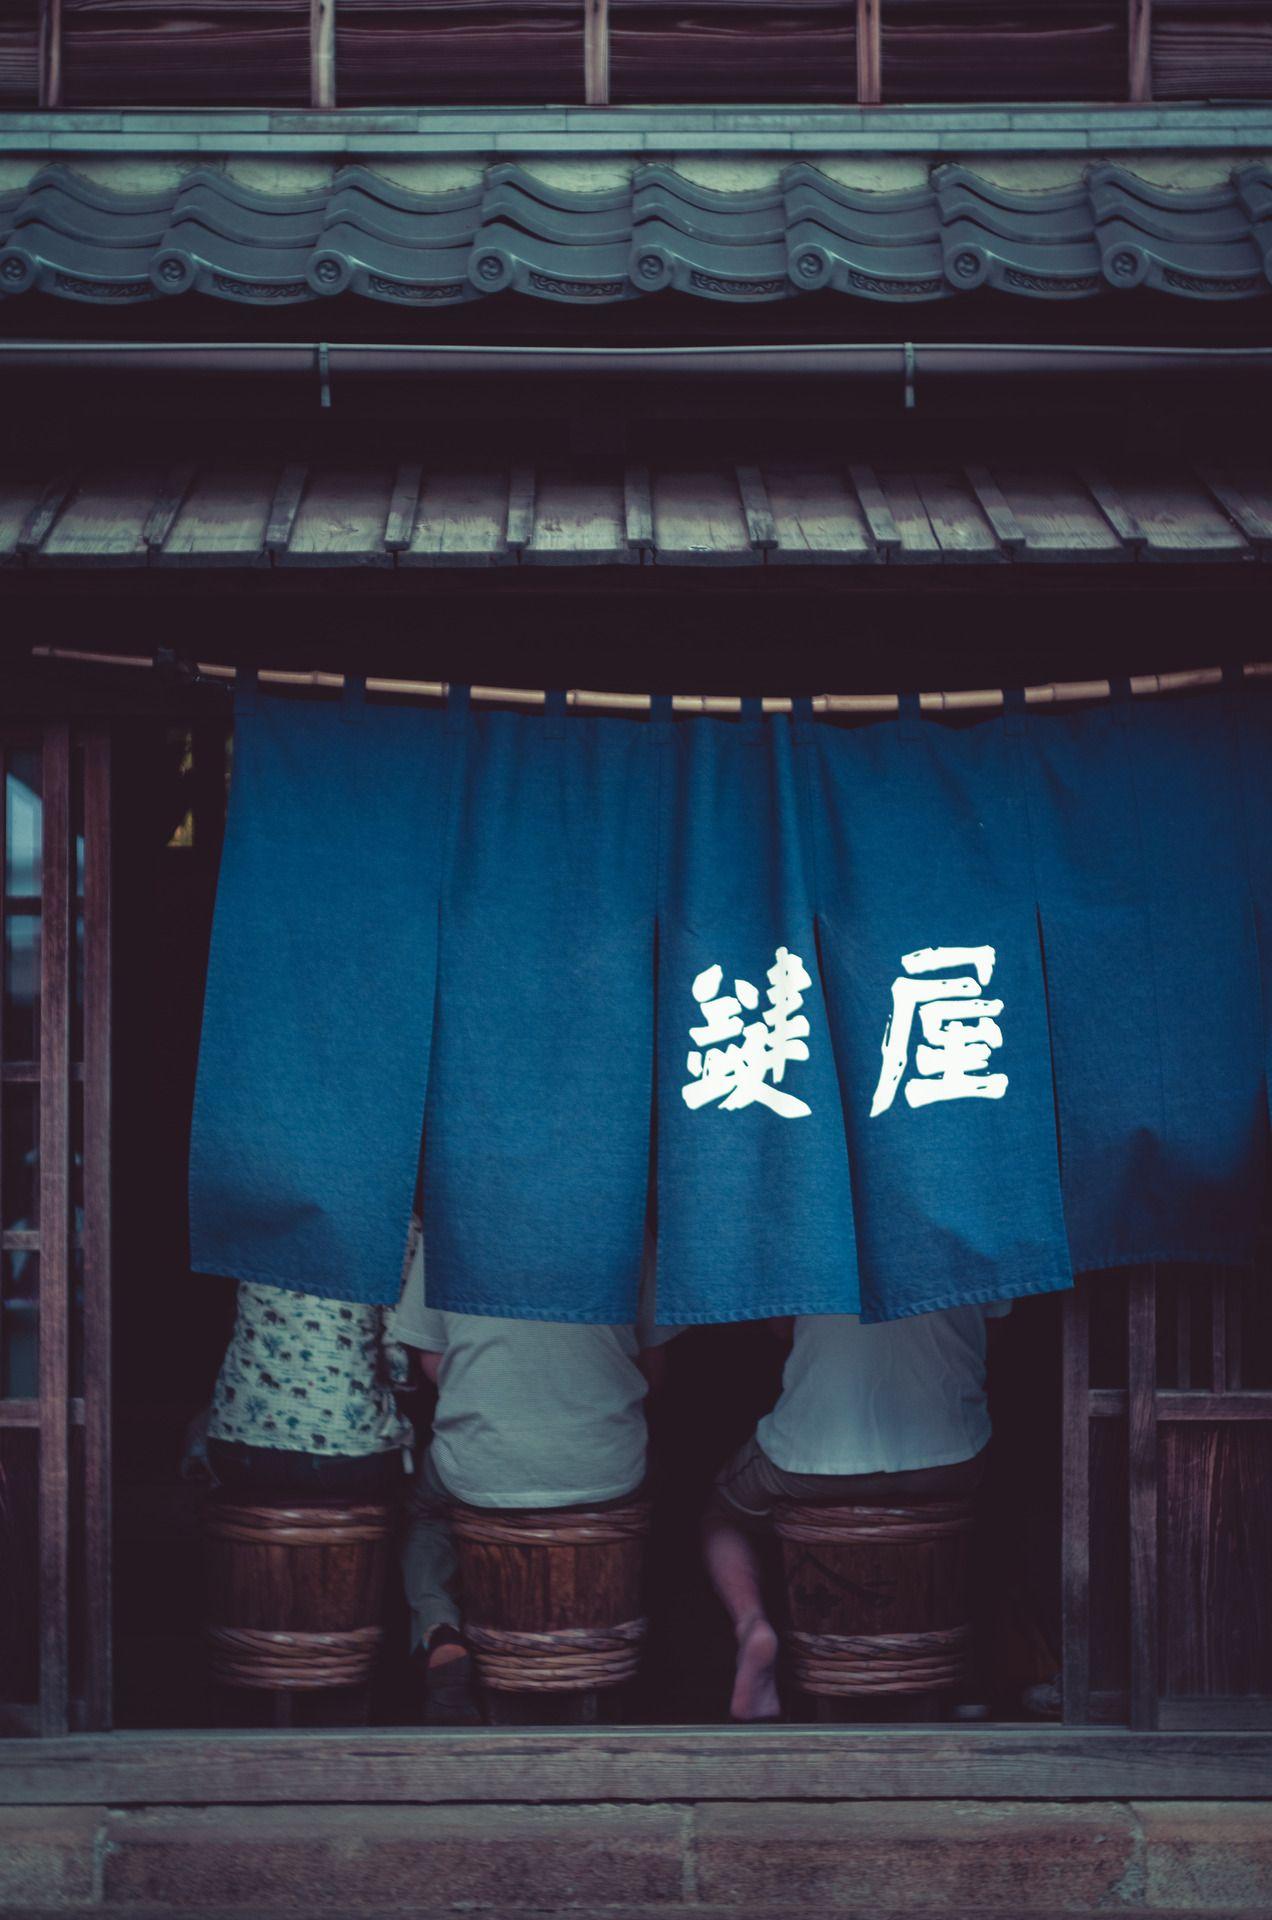 Ramen Shop In Japan Japanese Shop Japanese Restaurant Design Japanese Bar